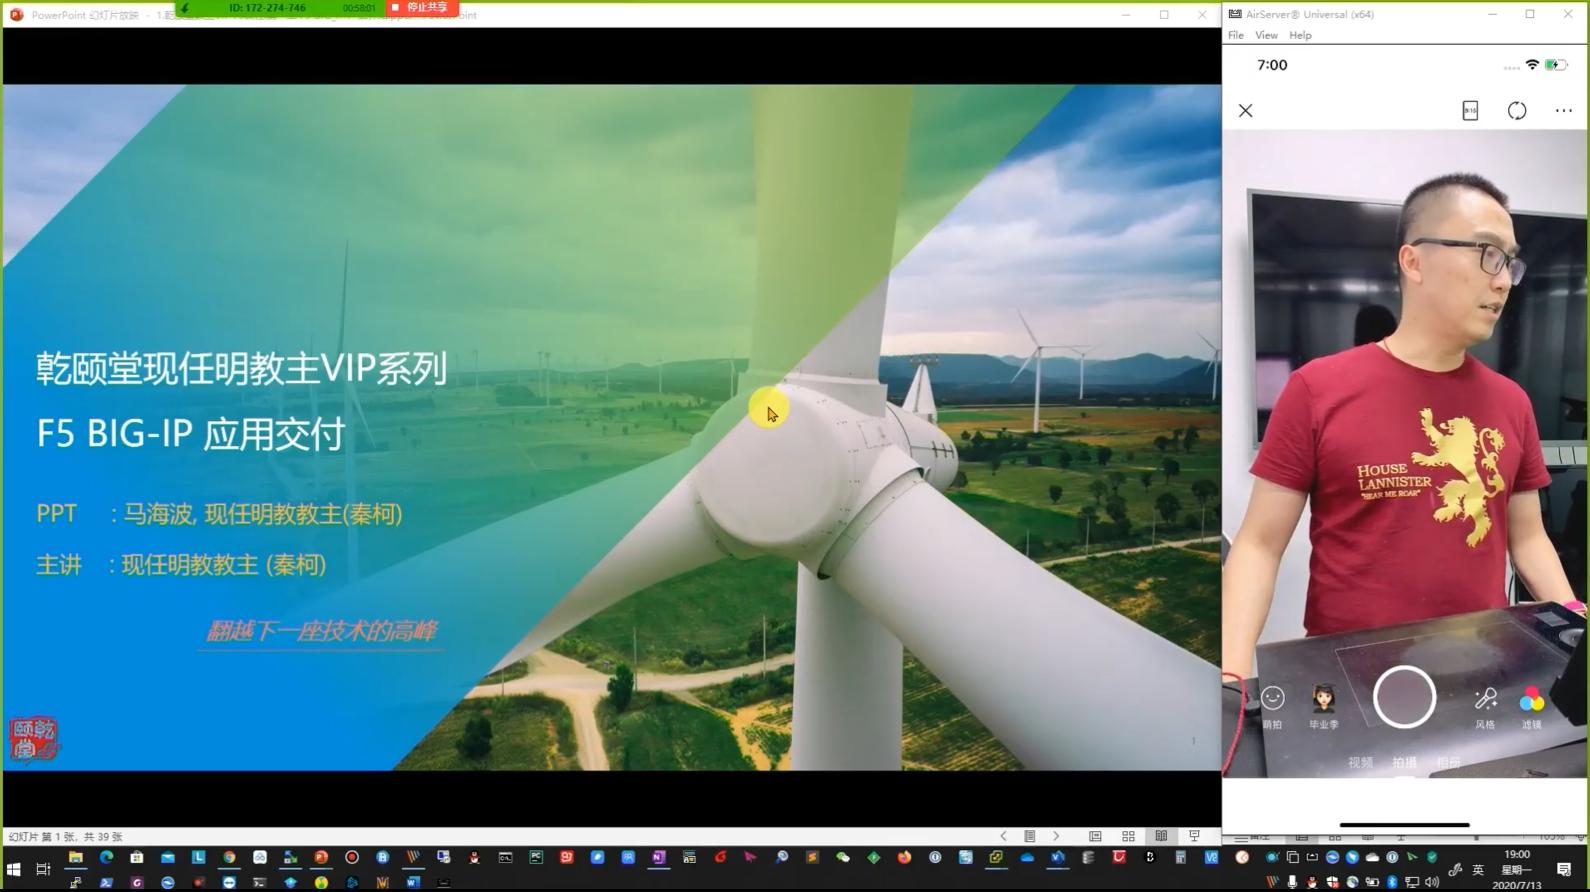 F5 BIG-IP应用交付网络课程含视频 乾颐堂马海波 草根课堂收集